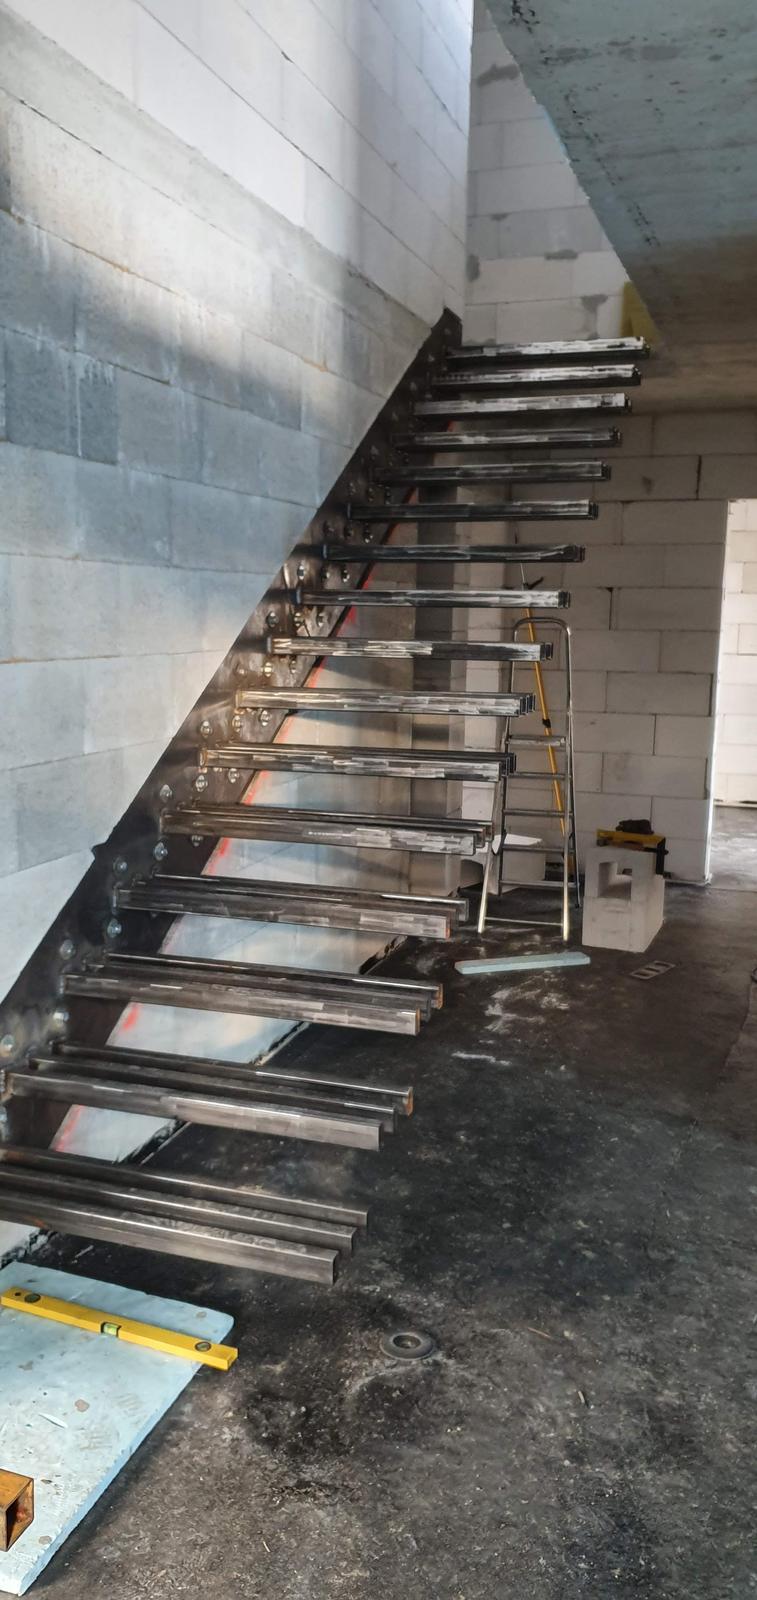 Konzolove schodisko (samonosne schody) - Obrázok č. 18